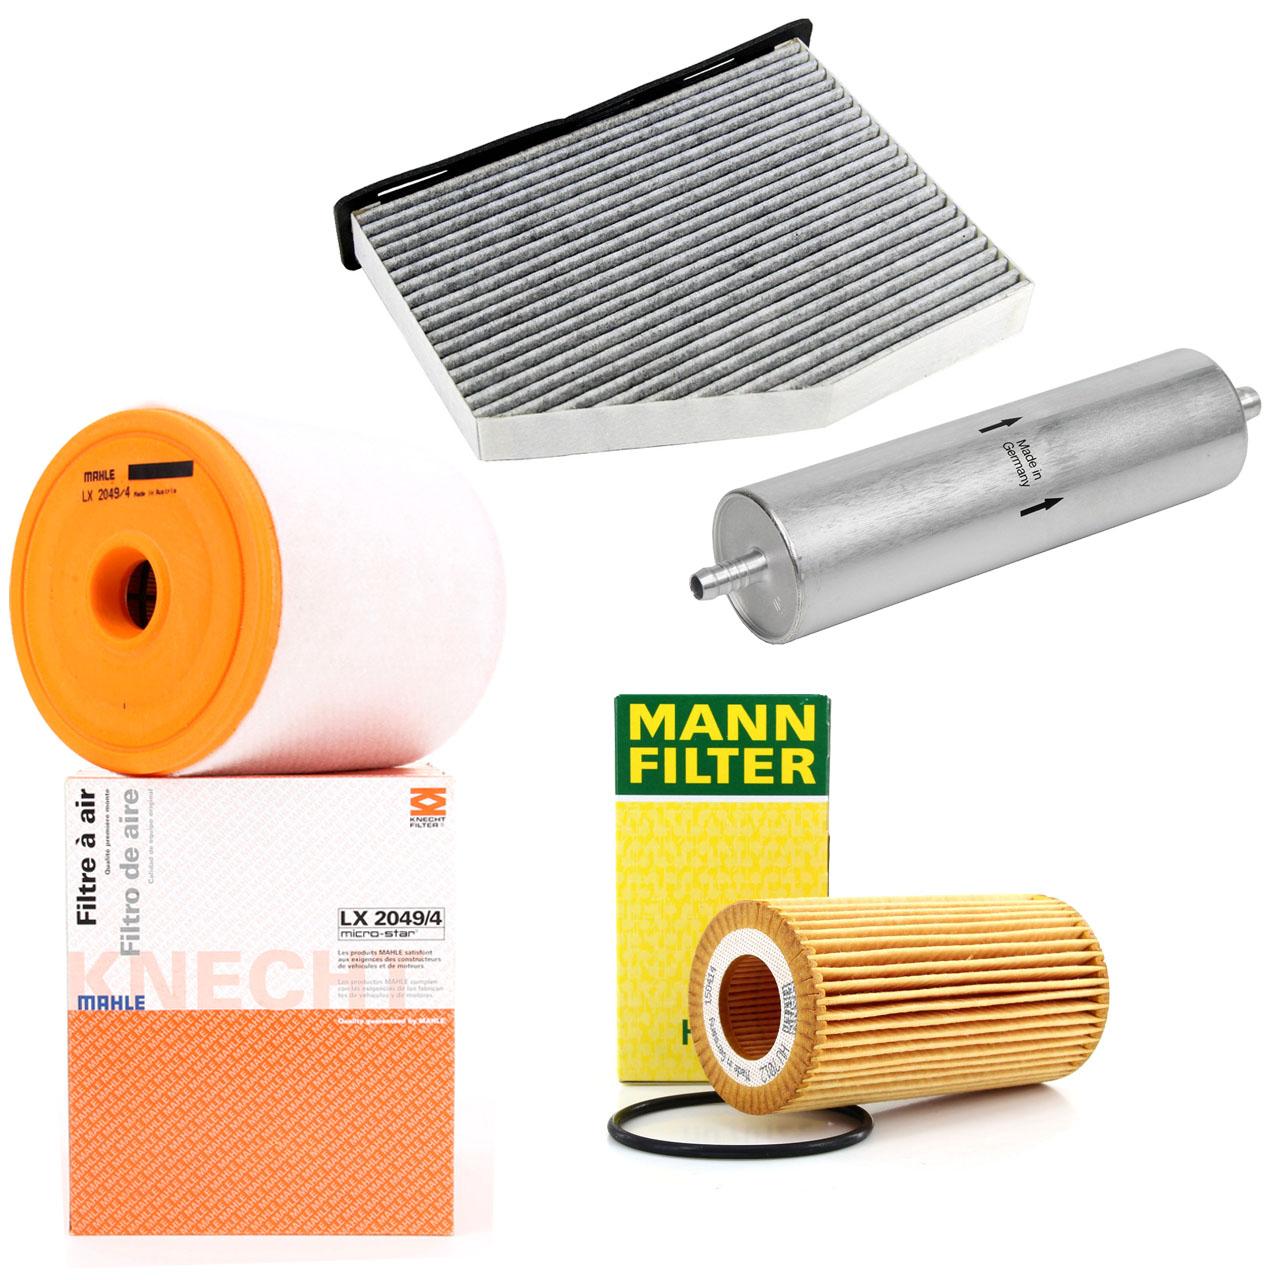 Filterpaket Filterset 4-tlg AUDI A6 (4G C7) A7 (4G) 3.0 TDI 190-272 PS